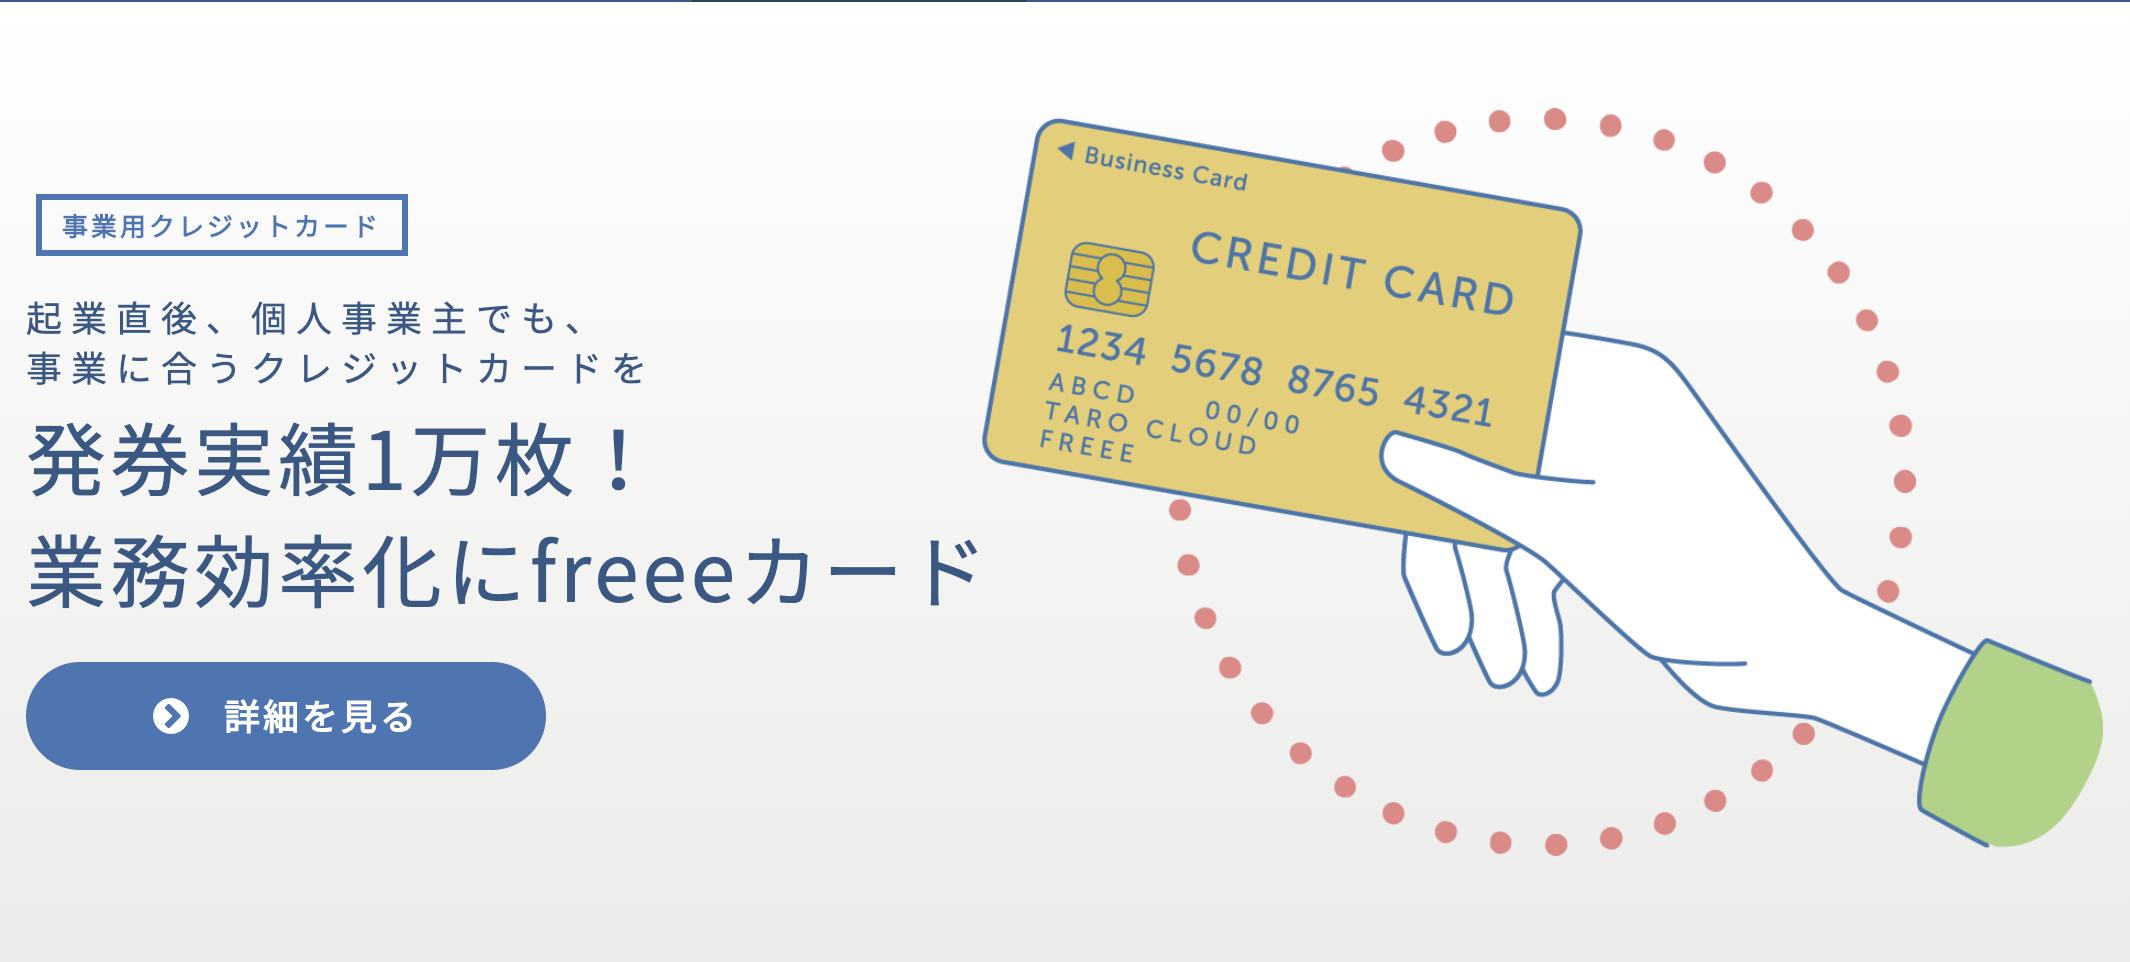 freee (フリー) クレジットカード メリット